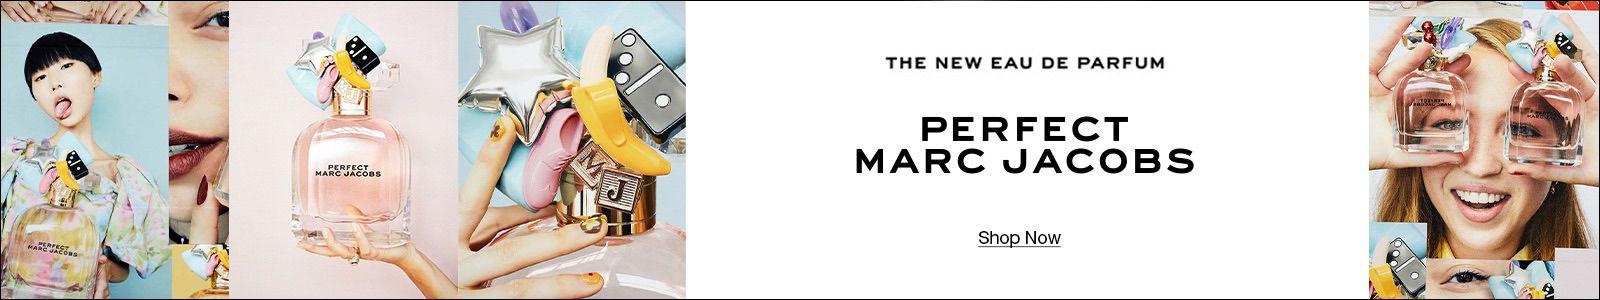 The New Eau De Parfum, Perfect Marc Jacobs